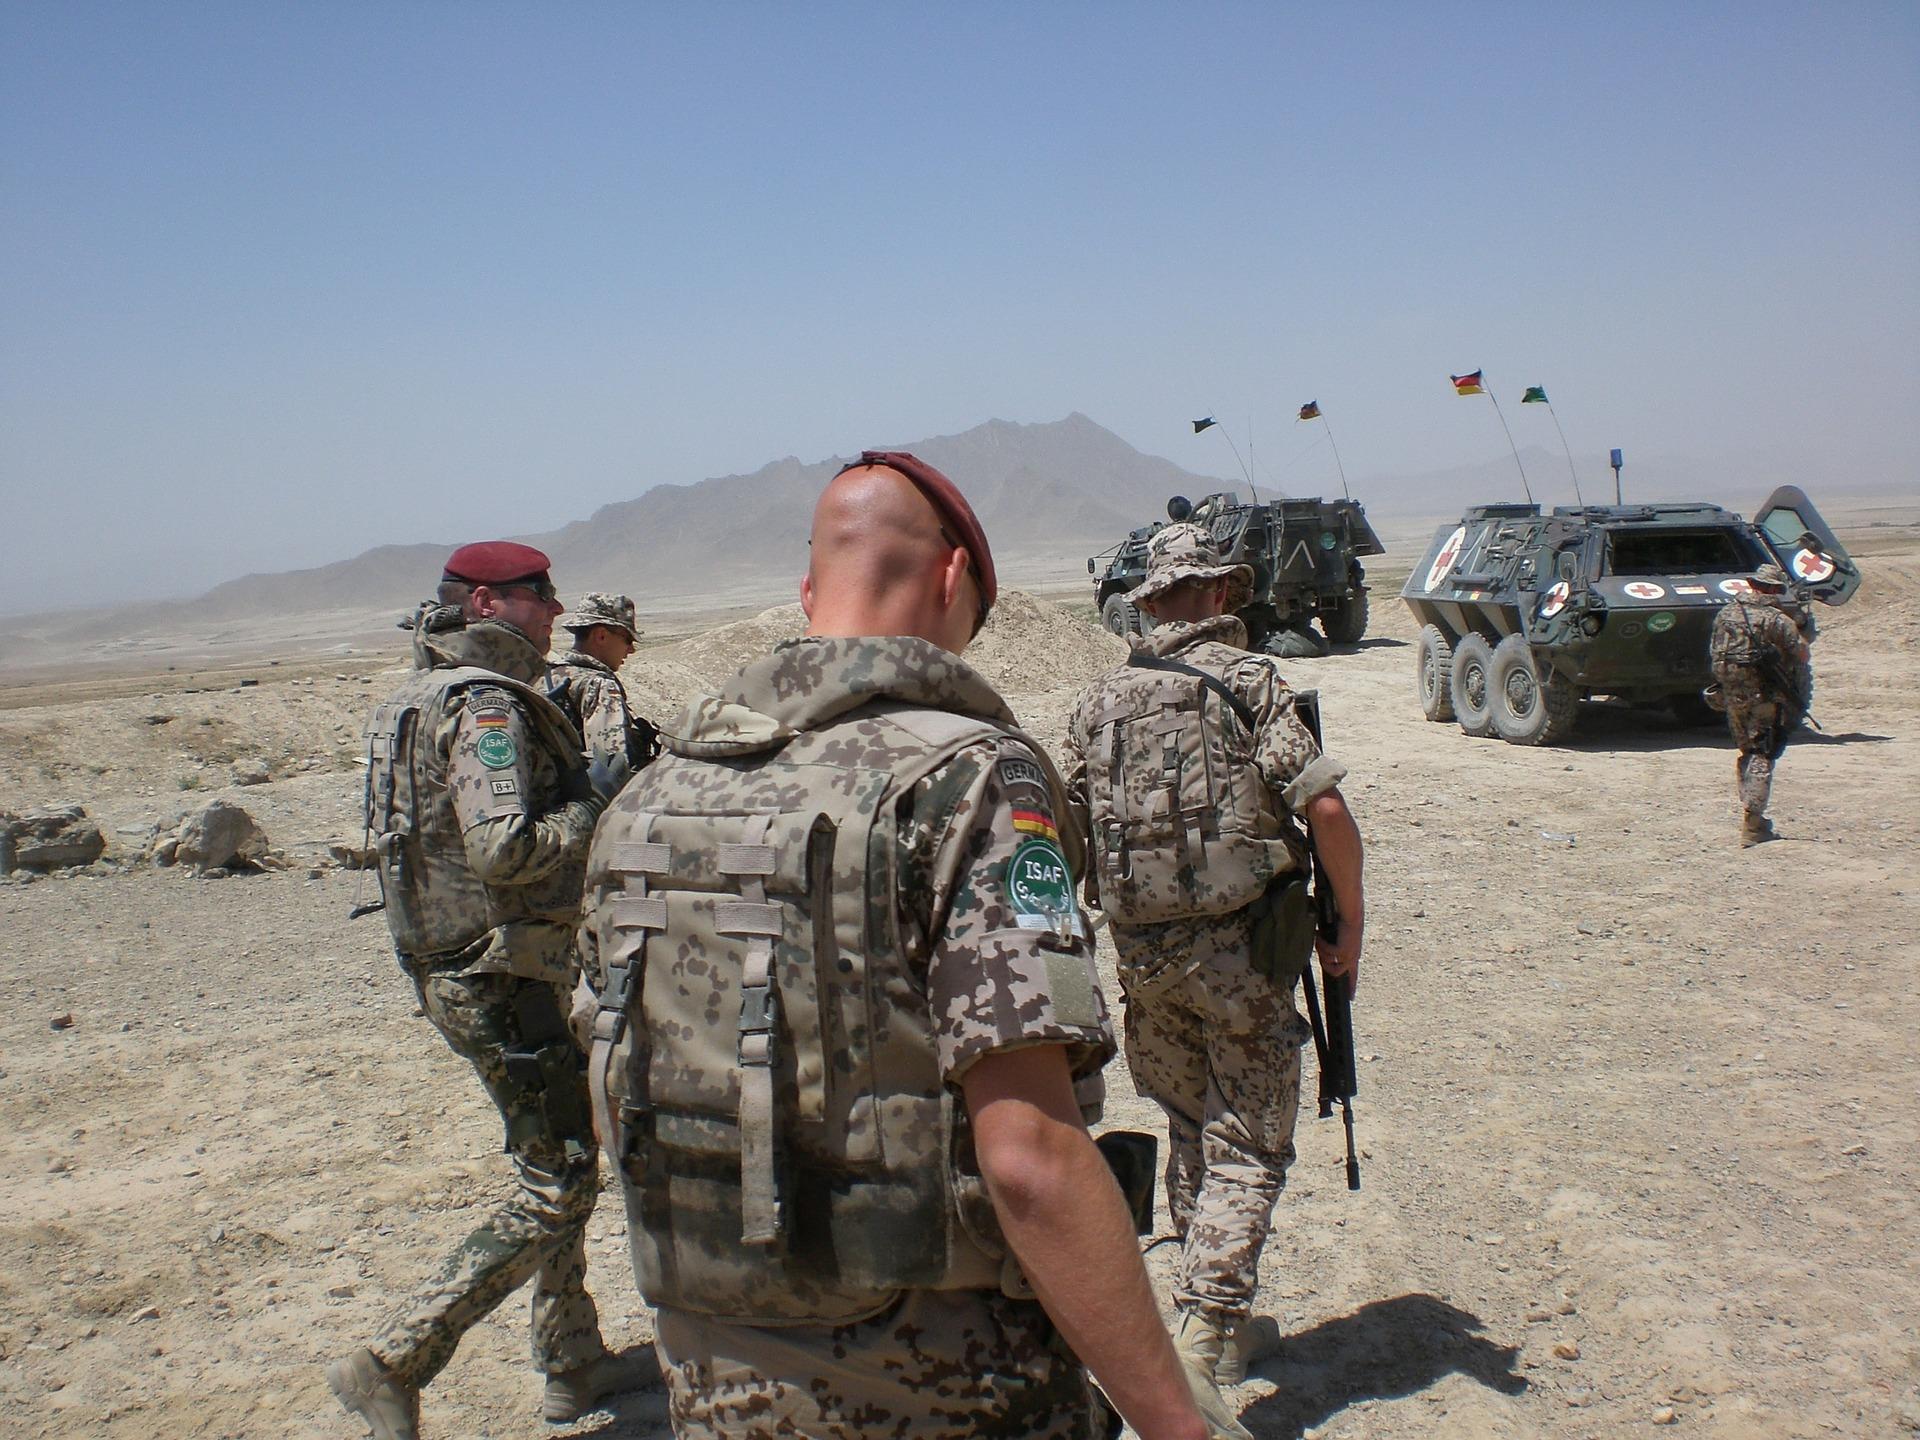 Auf dem Bild sind deutsche Soldaten während eines Einsatzes in Afghanistan zu sehen.